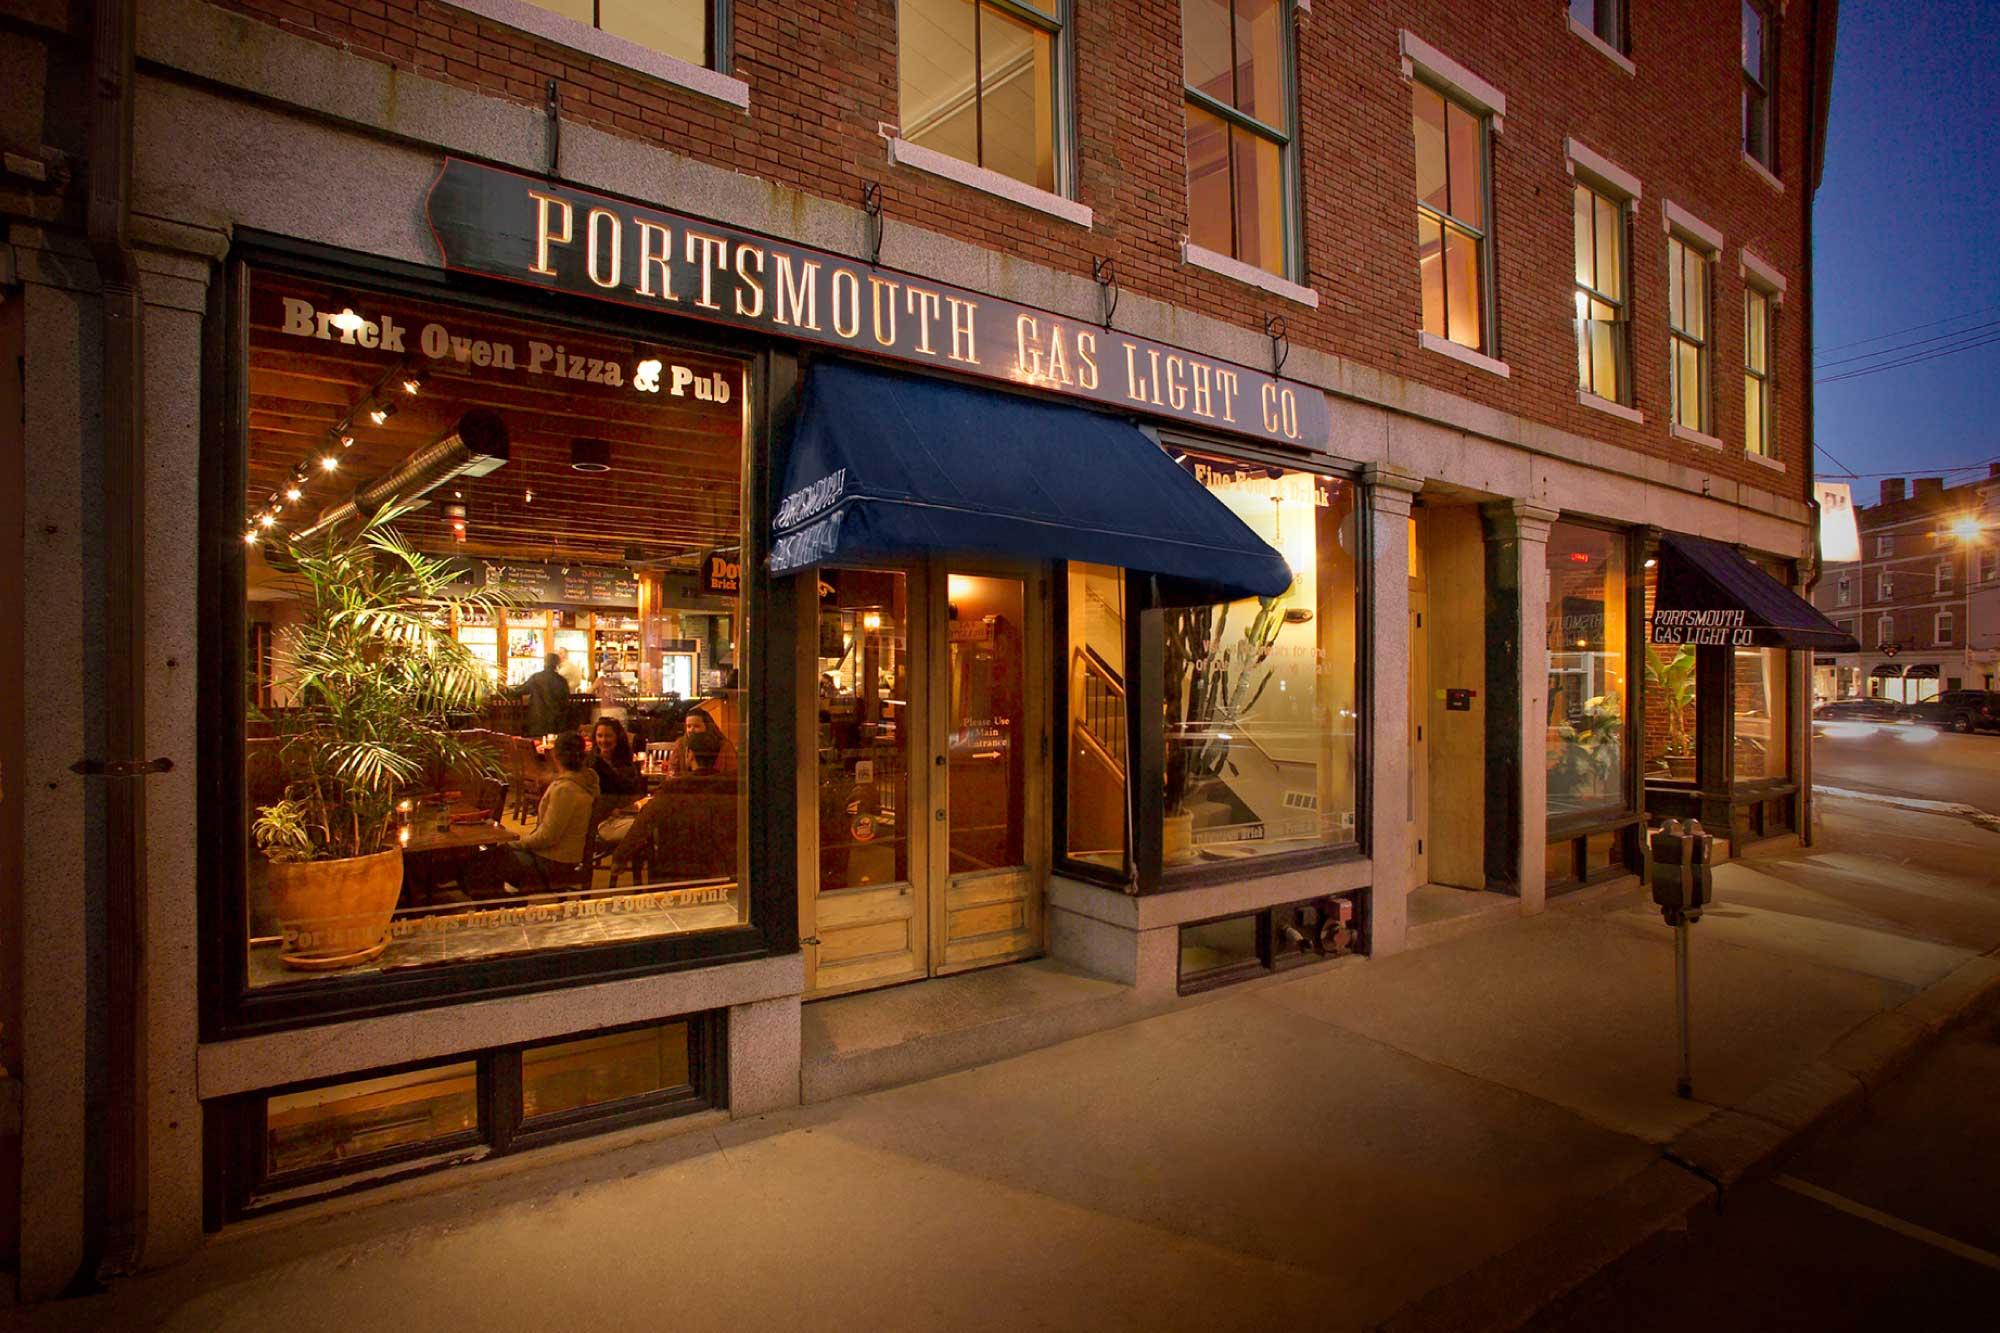 Portsmouth-Gas-Light-Restaurant Design